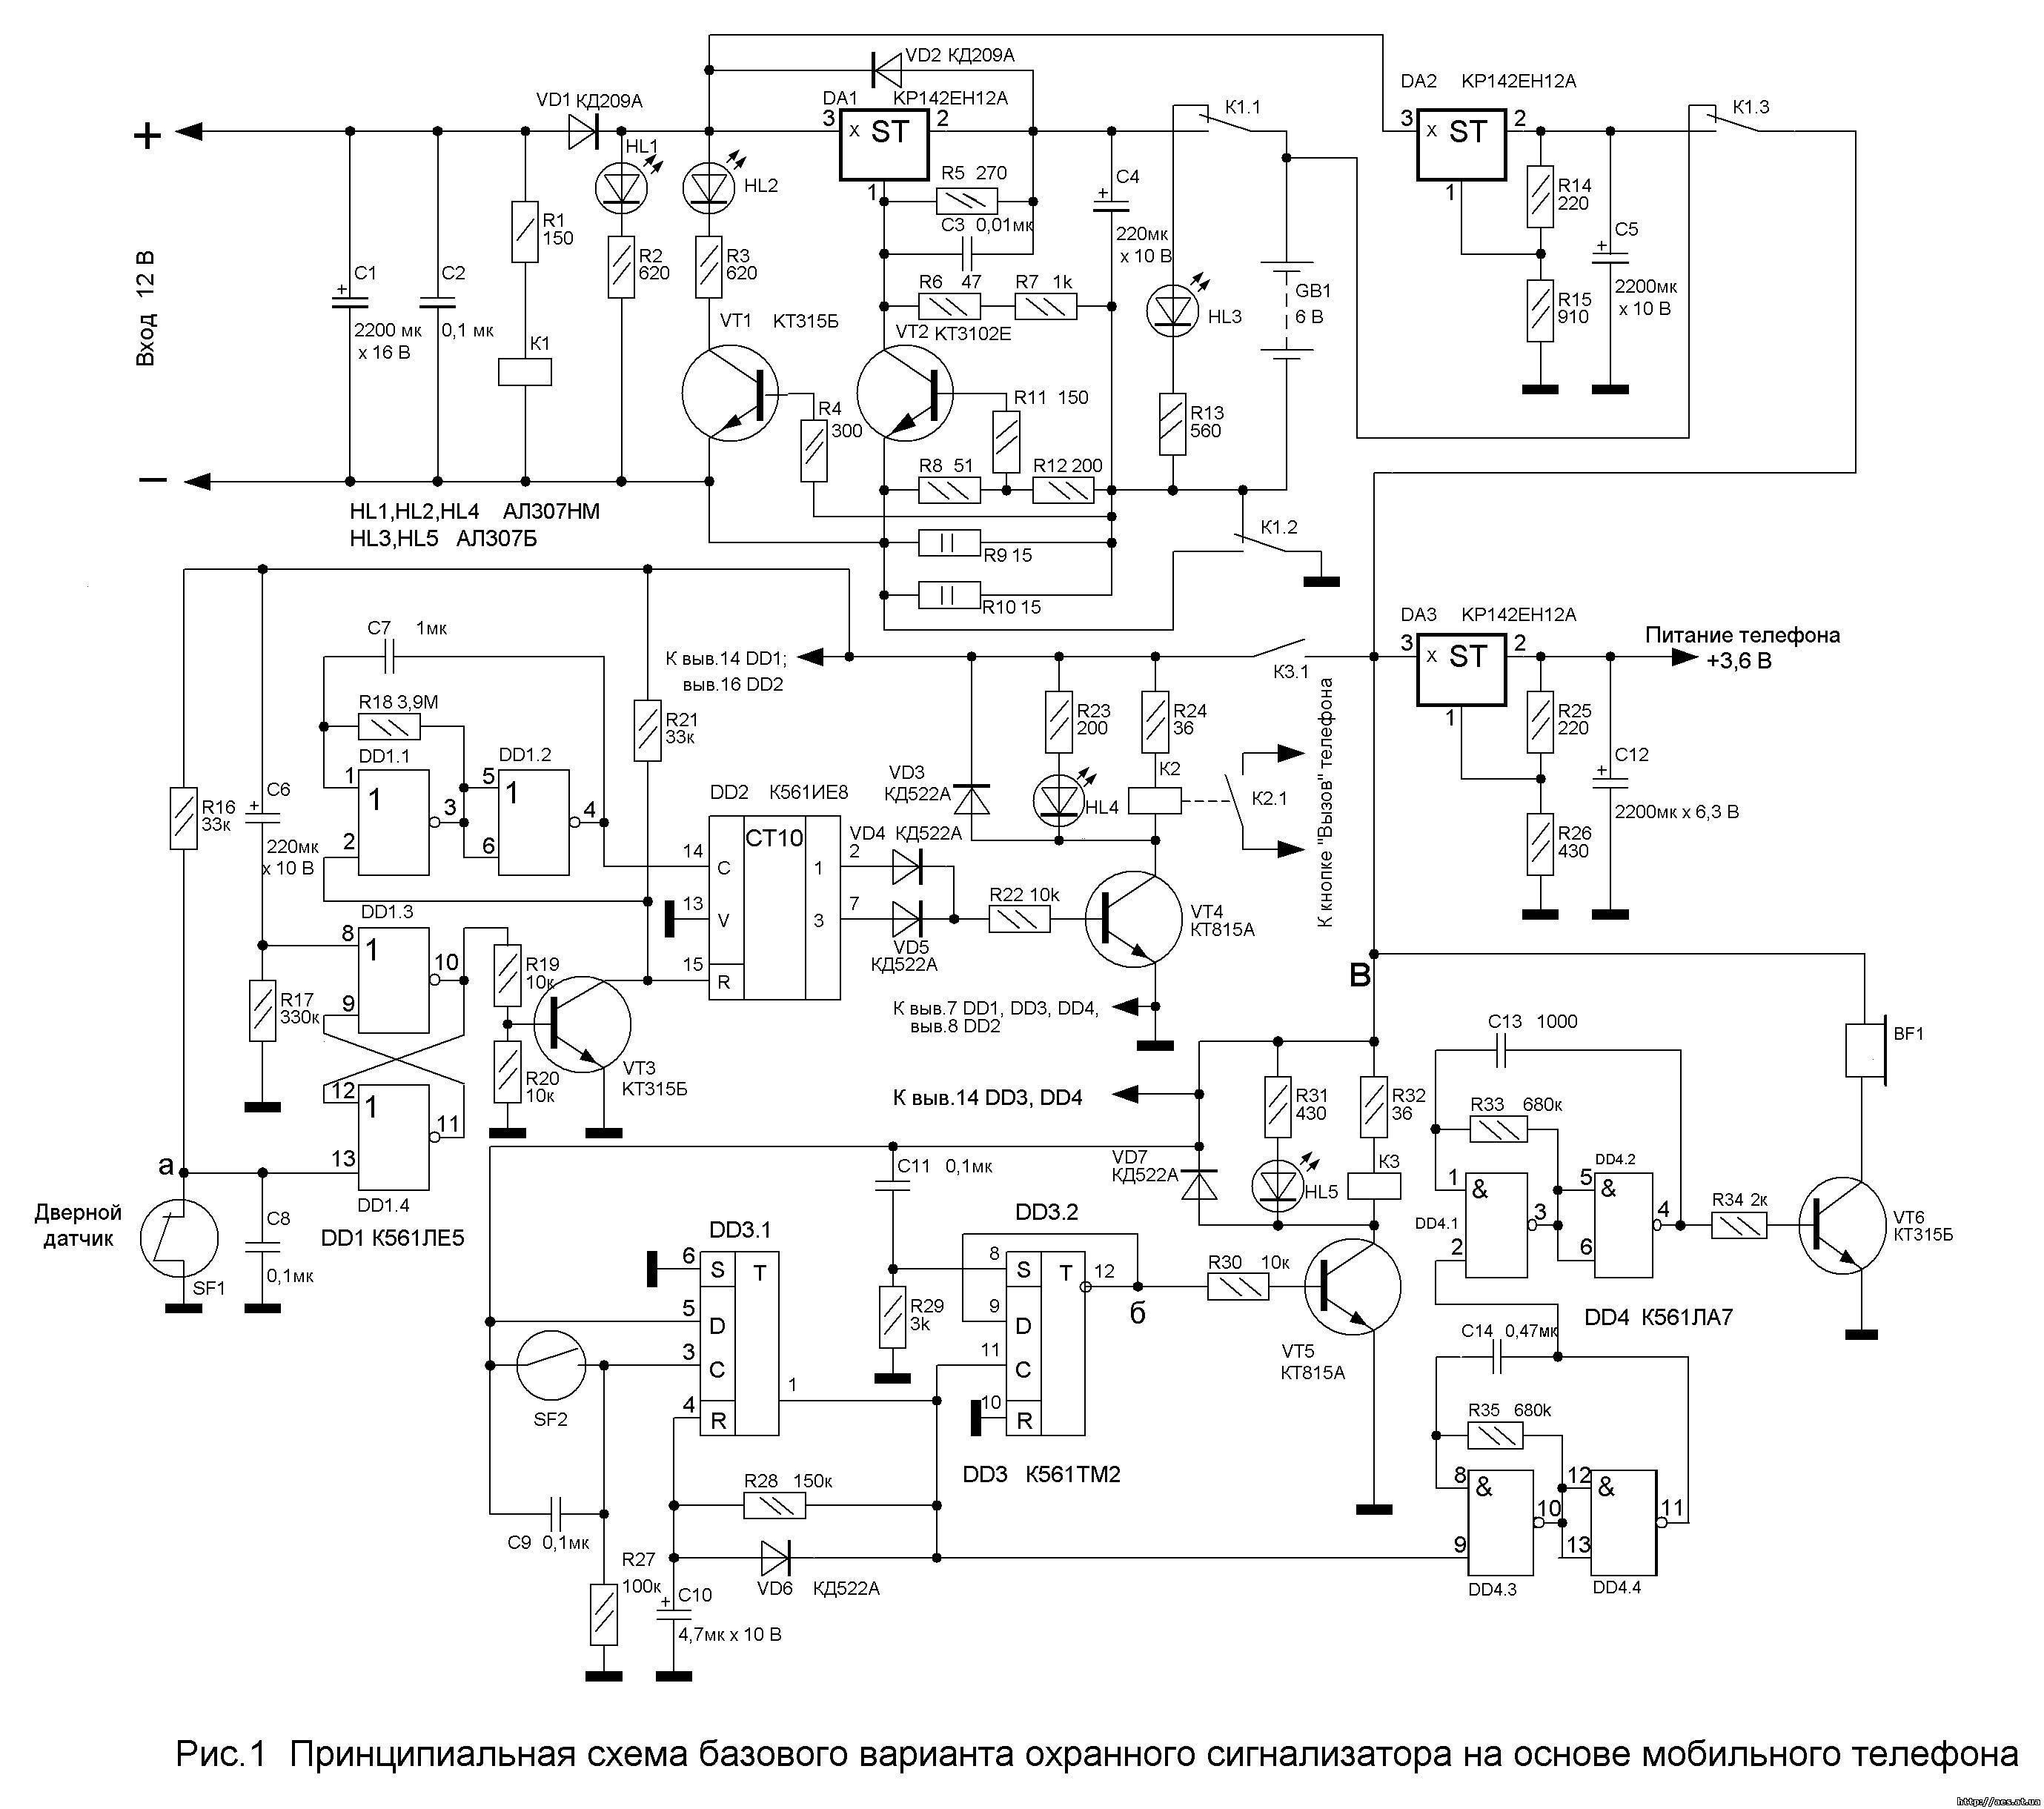 схема стационарного телефона из мобильного телефона